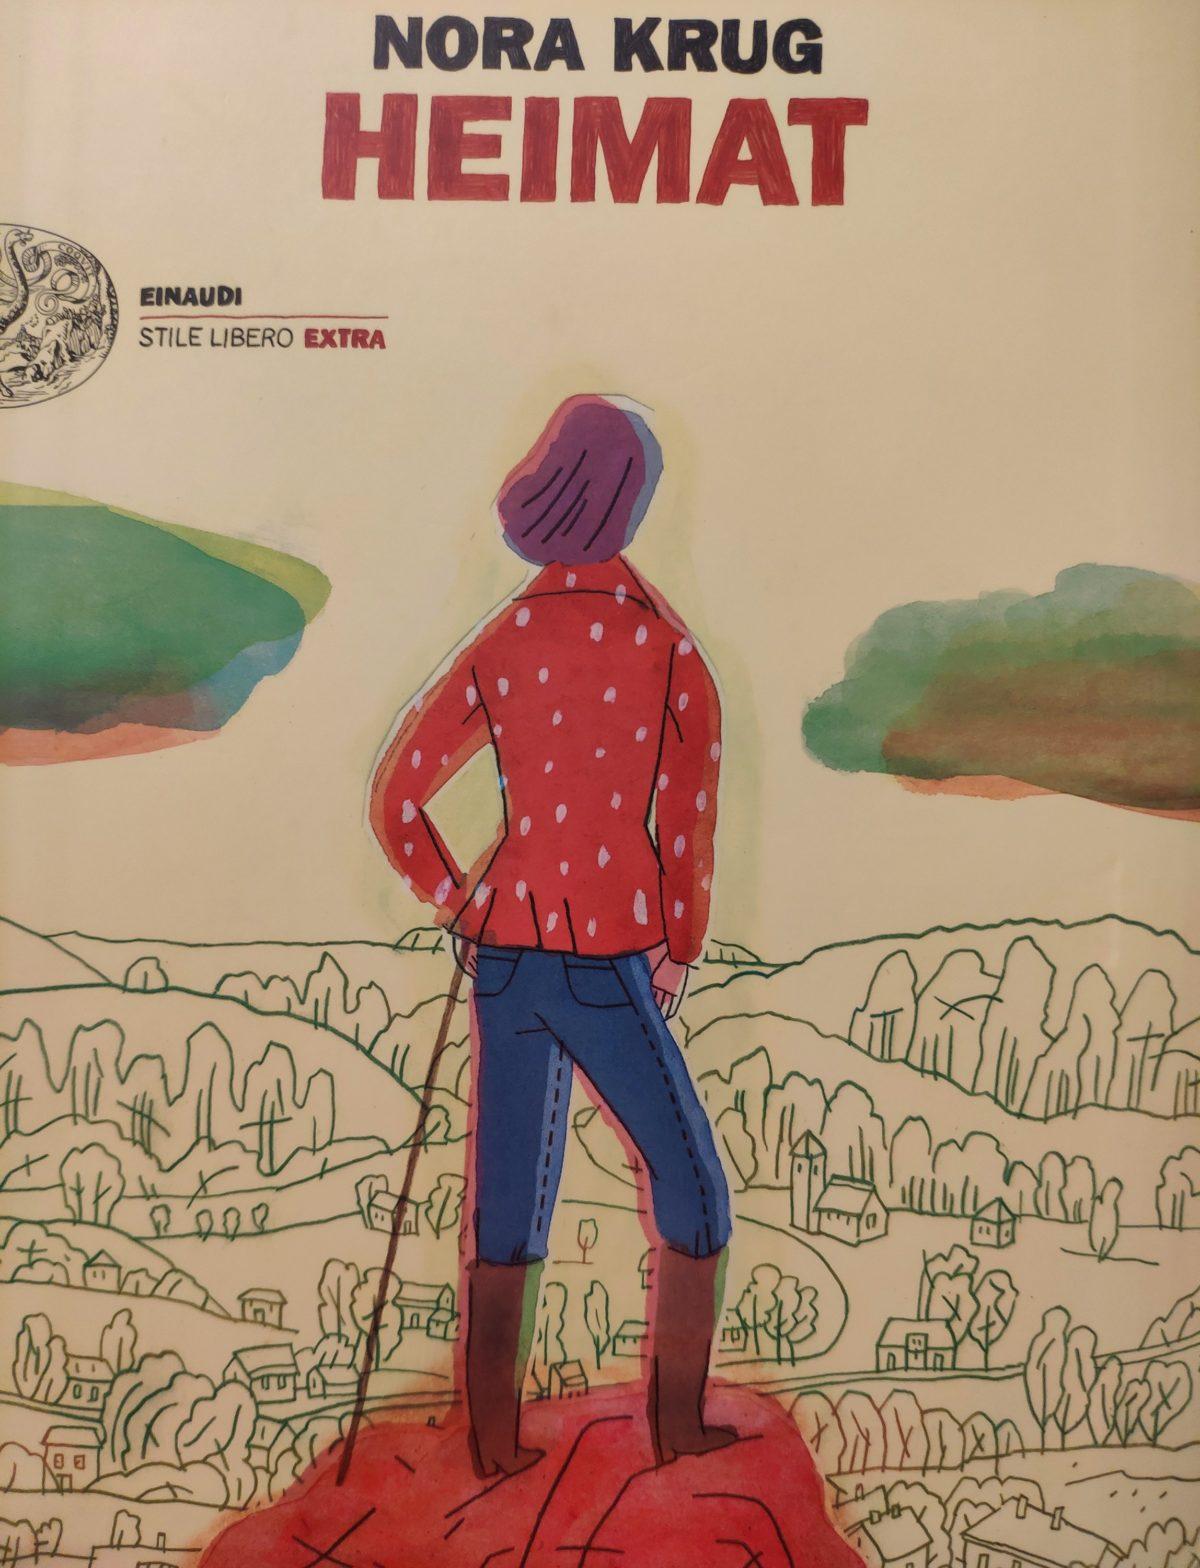 Mio Caro Fumetto - Heimat: un album di famiglia tedesco - Copertina del volume Heimat di Nora Krug.